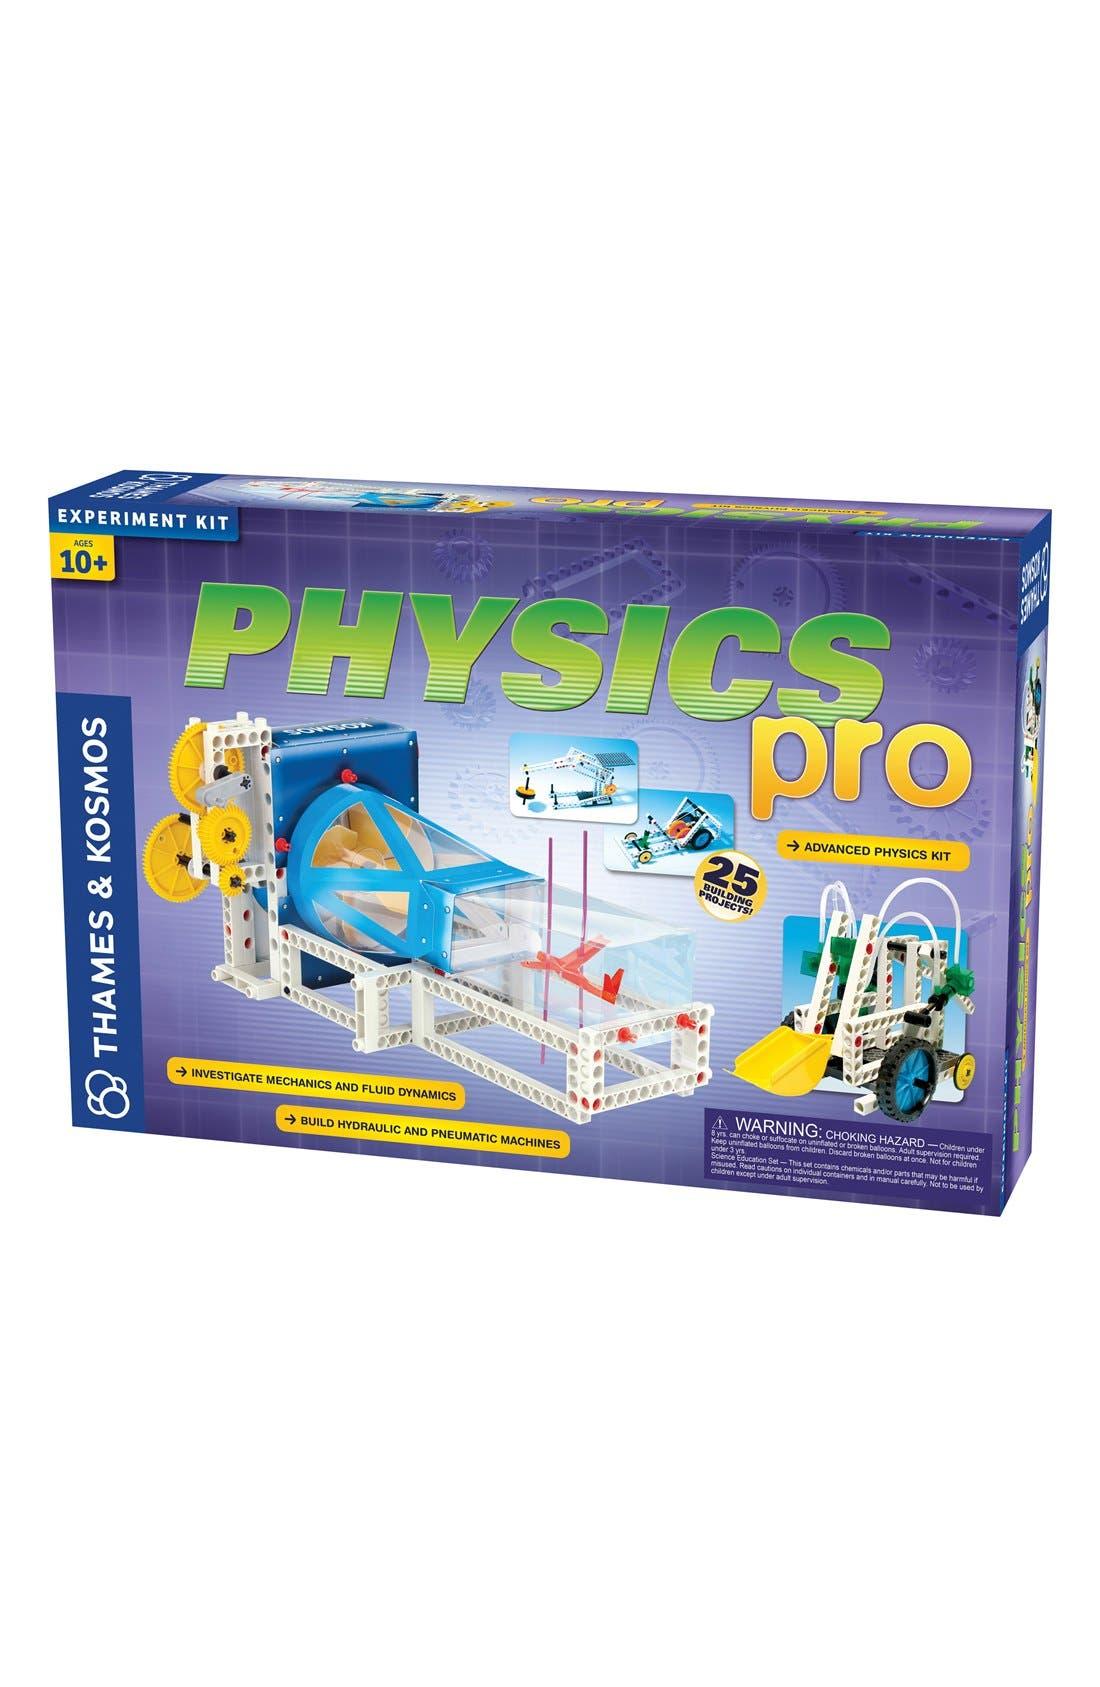 'Physics Pro - V2.0' Experiment Kit,                             Main thumbnail 1, color,                             BLUE